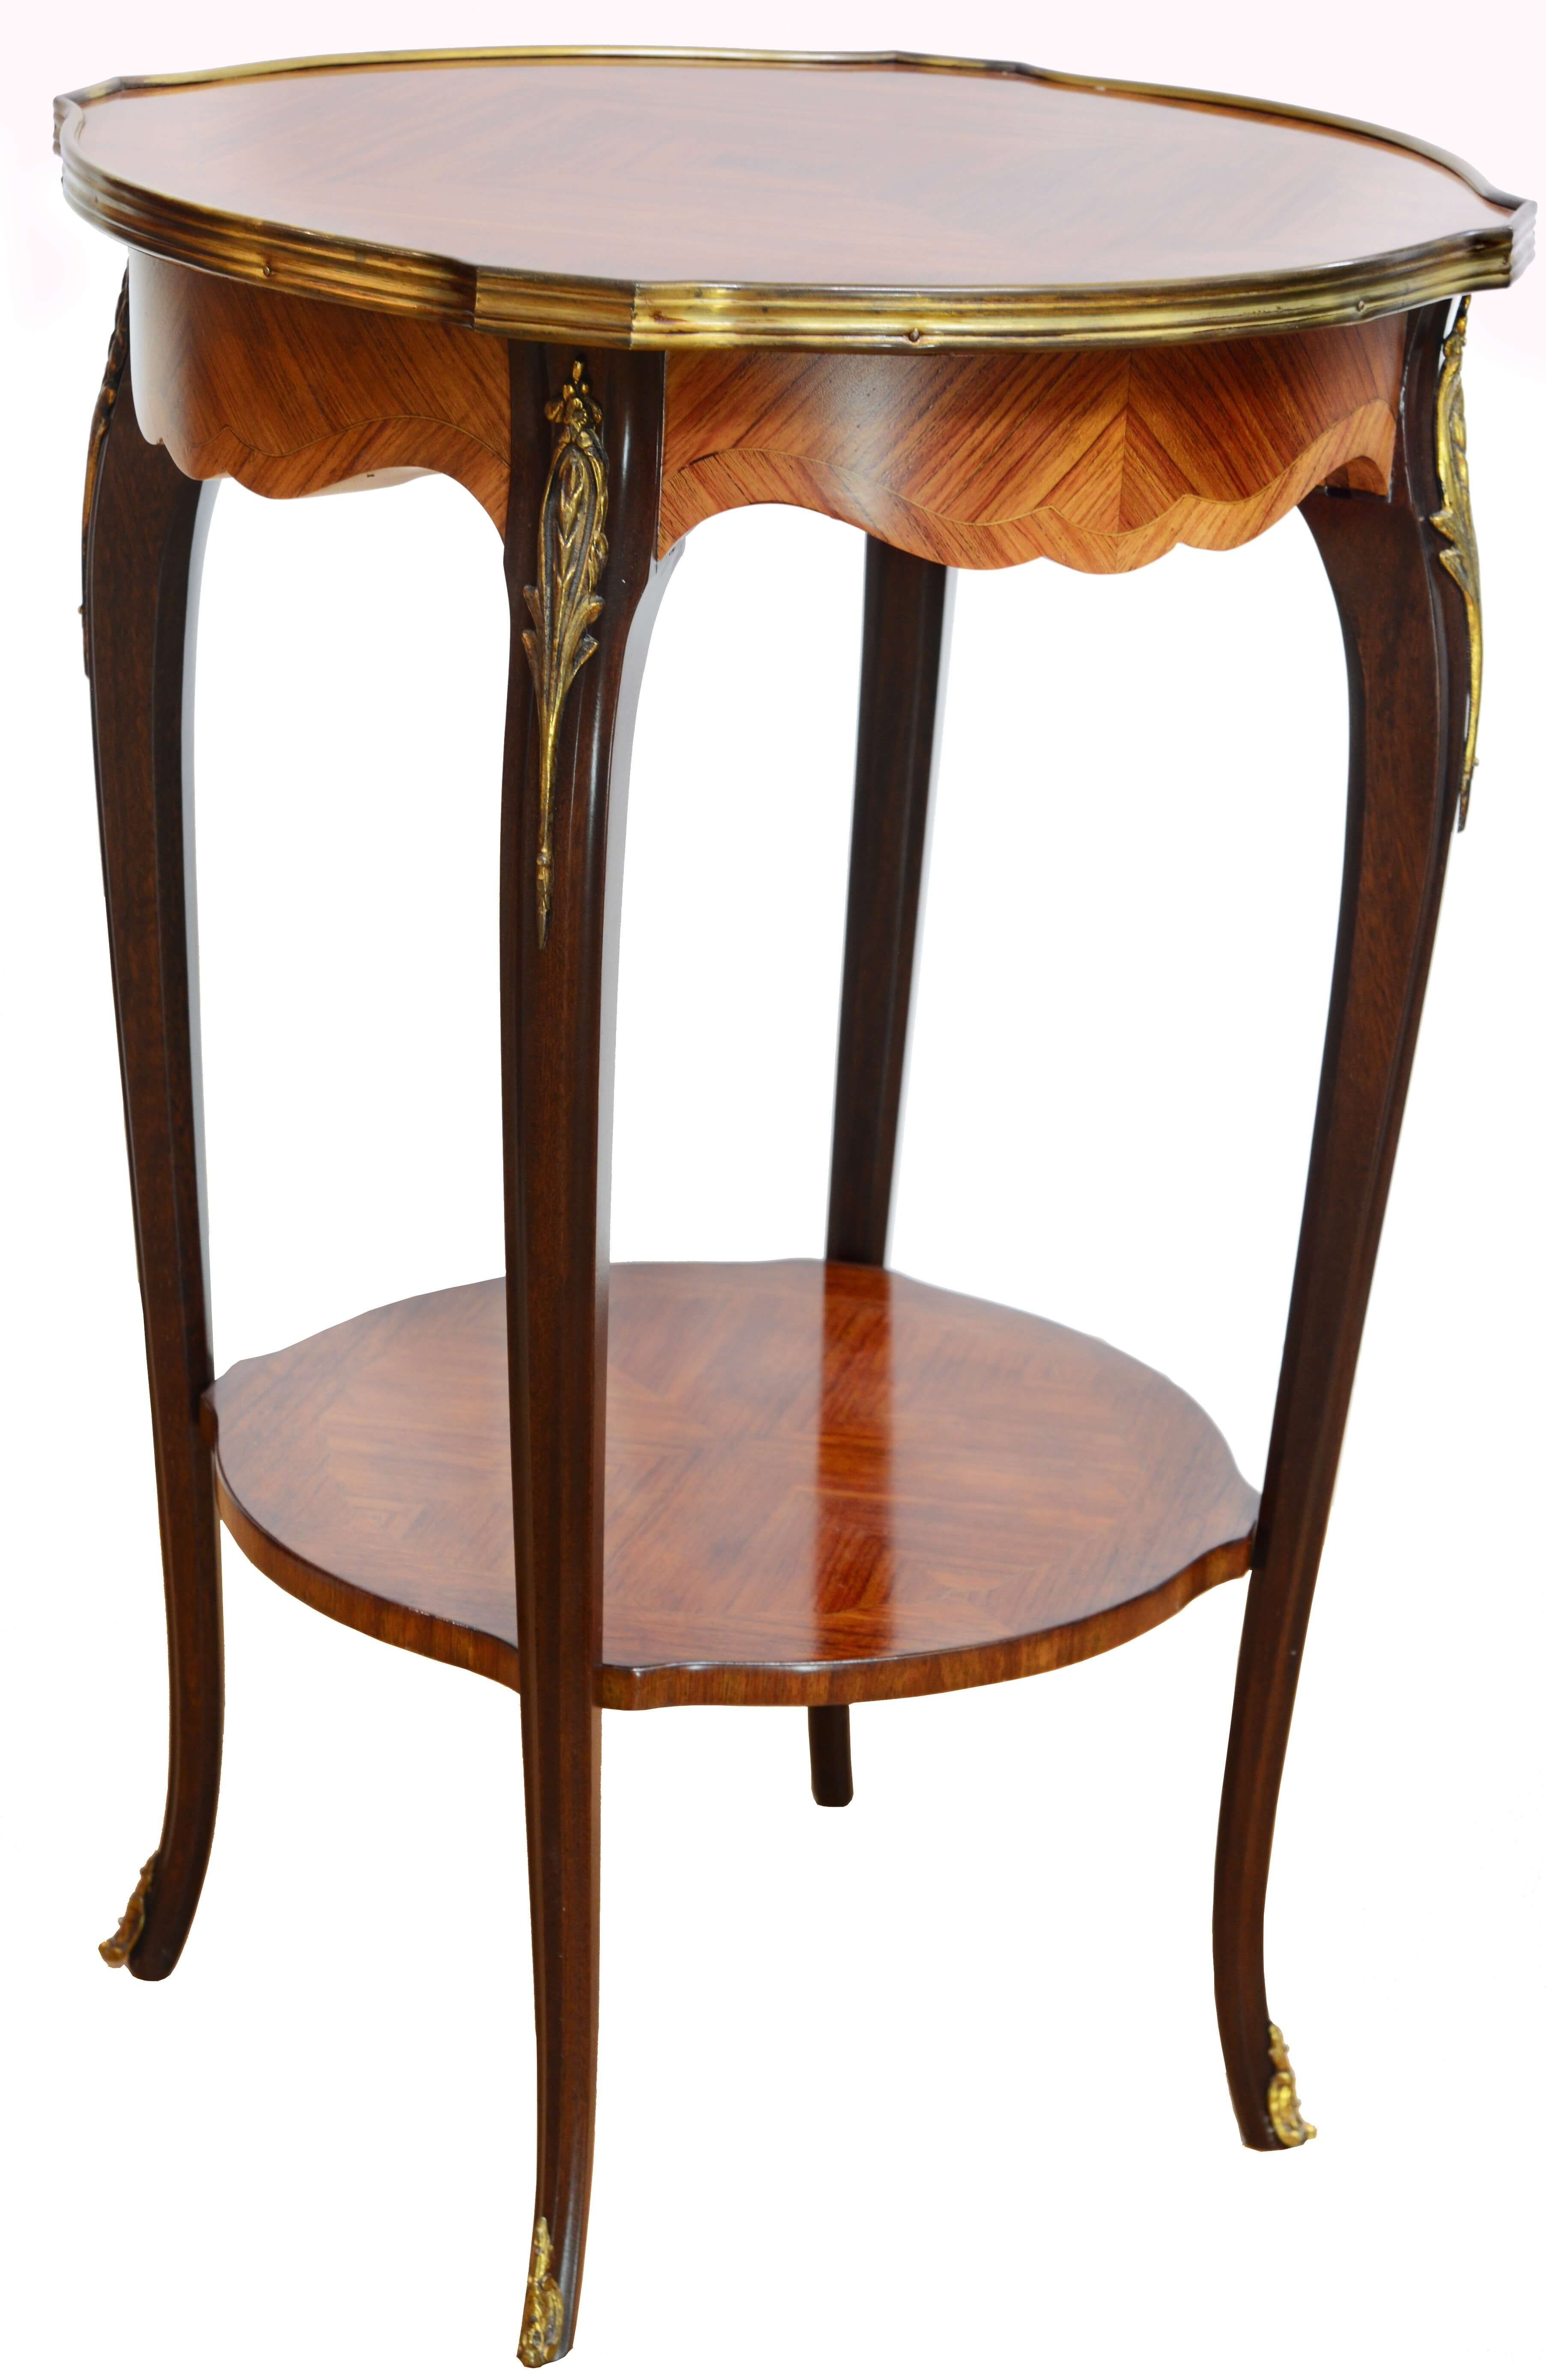 Der Guéridon VALENTIN aus Rosenholz mit Intarsien, ist ein Klassiker im Stile des Louis XV aus zweiter Hand, den Sie nun zu einem erschwinglichen Preis restauriert erstehen können. Hochwertiges aus zweiter Hand bei Phönix Schöner Leben